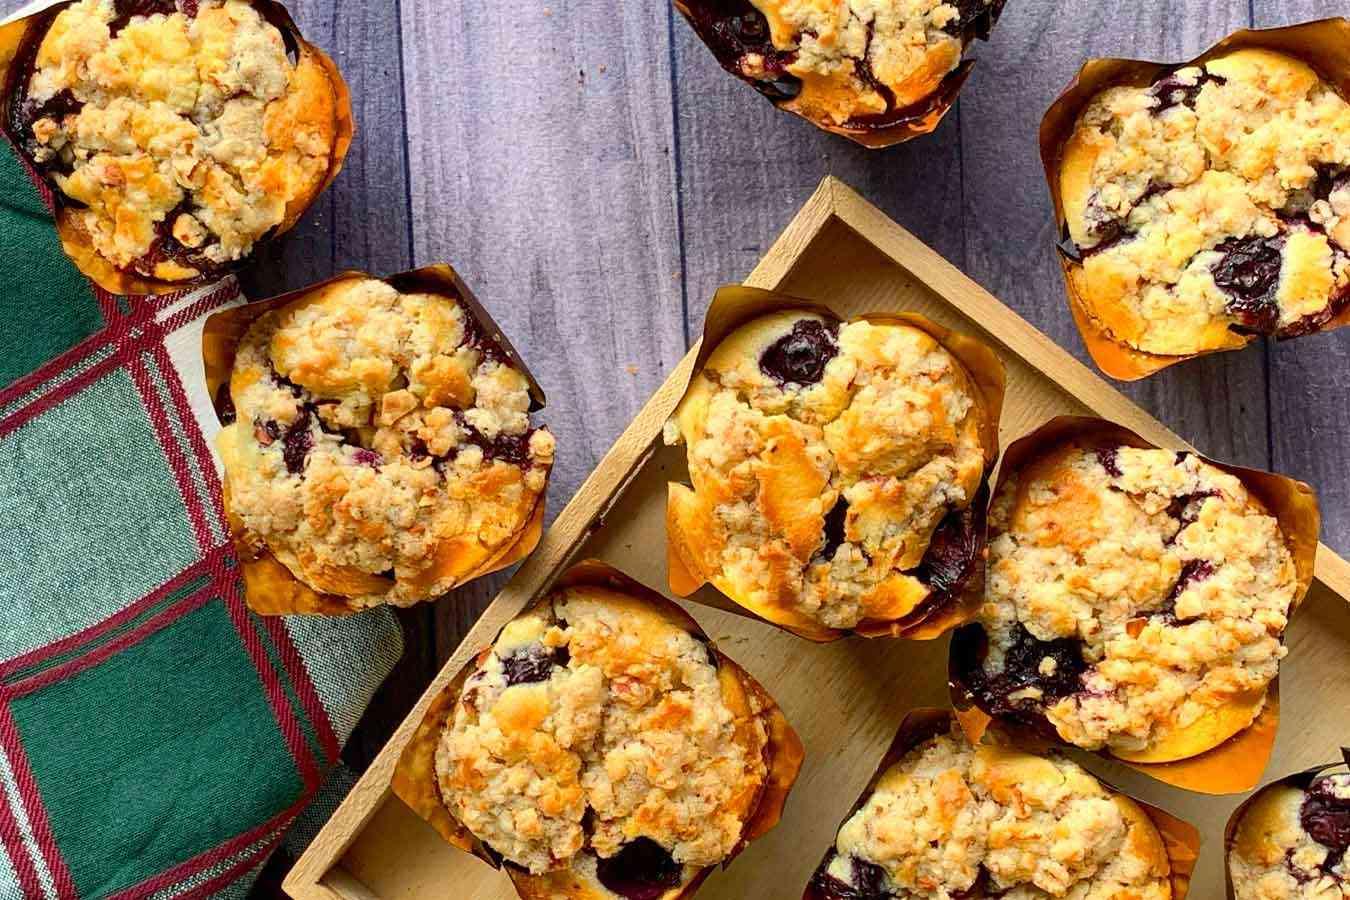 Ricetta Muffin Originale Americana.Muffin Ricetta Originale Americana La Ricetta Food N Rock